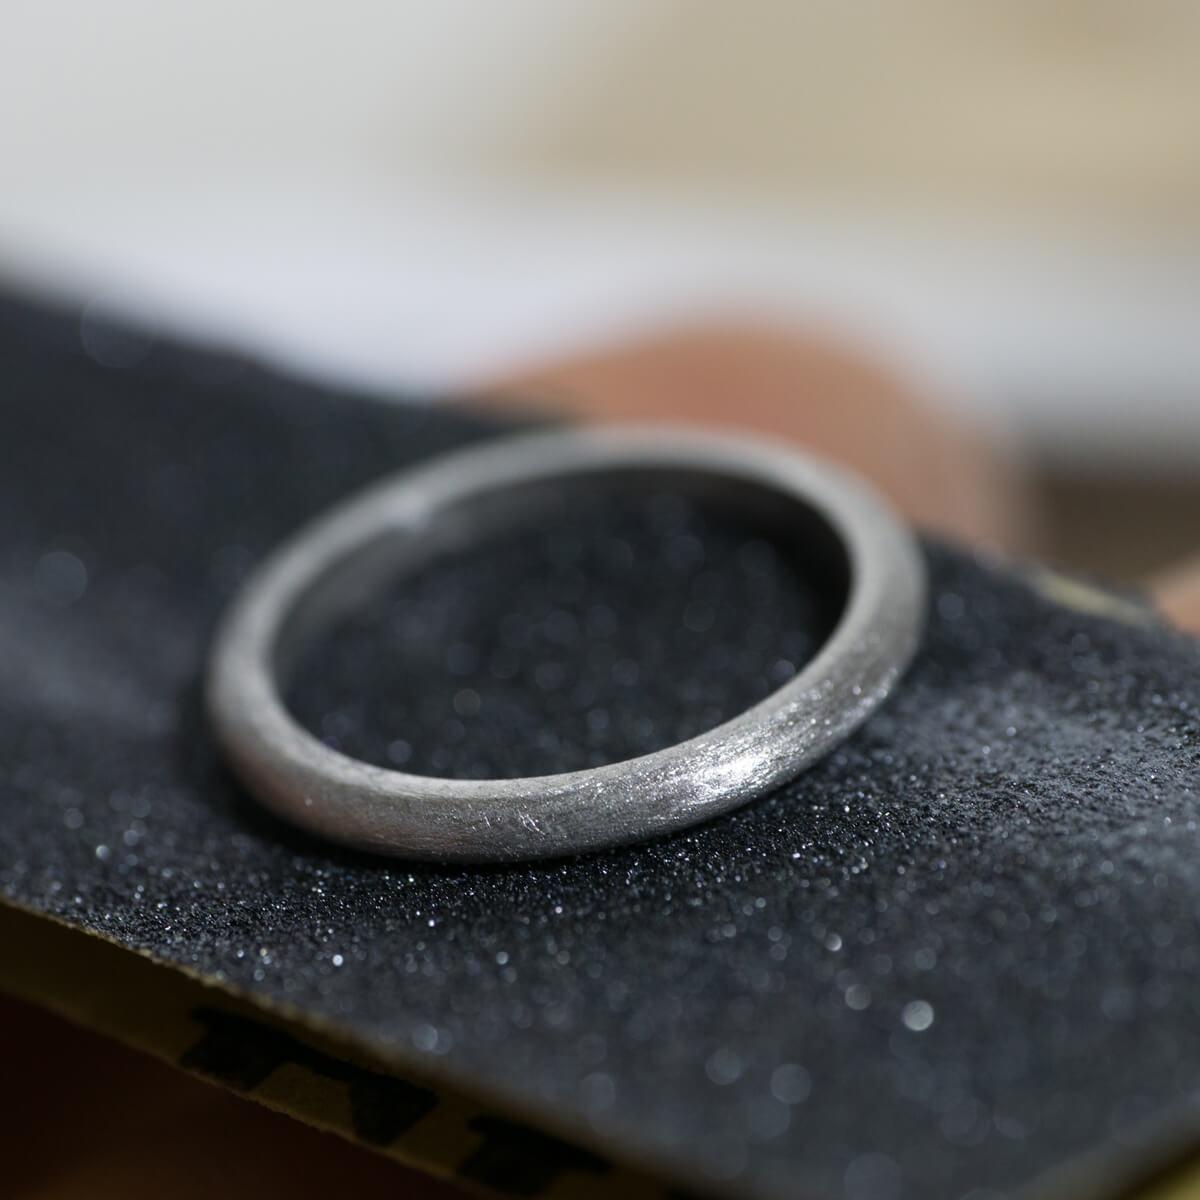 オーダーメイドマリッジリングの制作風景 ジュエリーのアトリエに結婚指輪 紙やすりの上 プラチナ